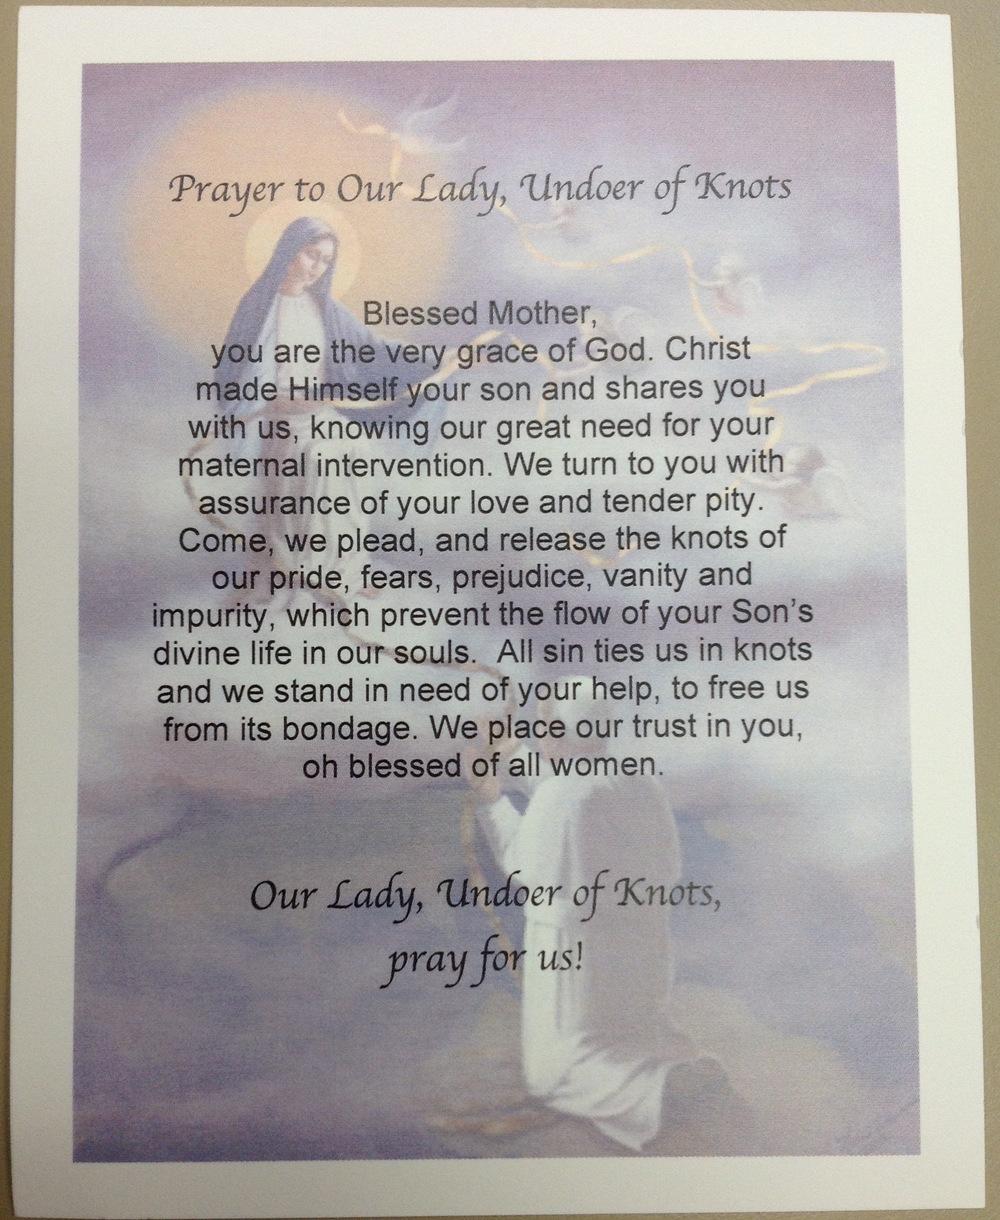 Undoer of Knots Prayer.jpg